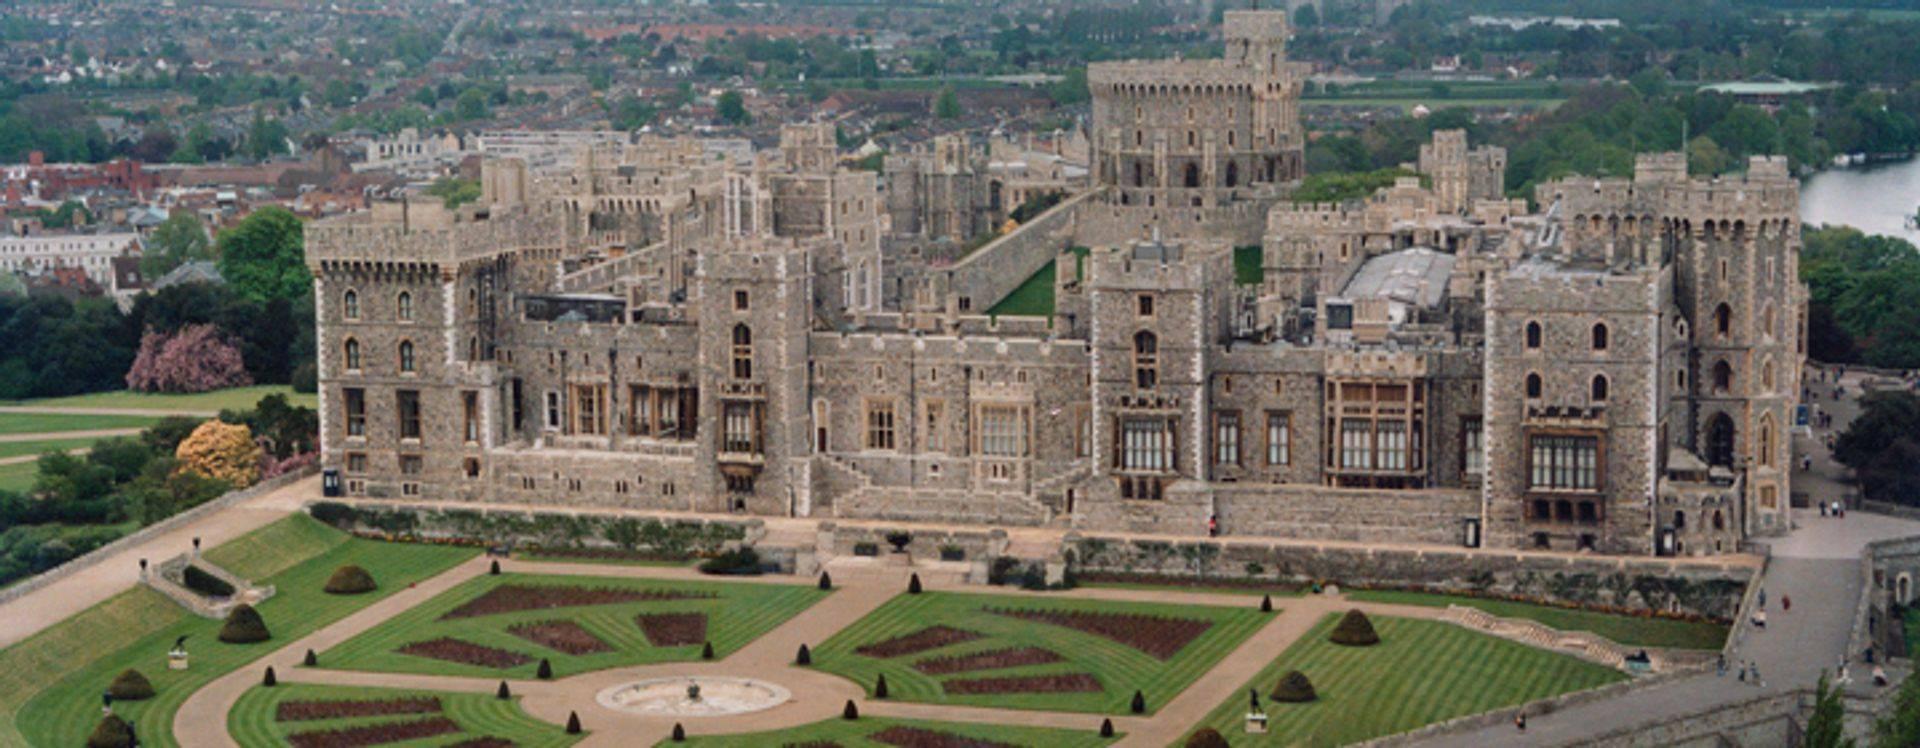 castelo de Windsor, Bem em Londres